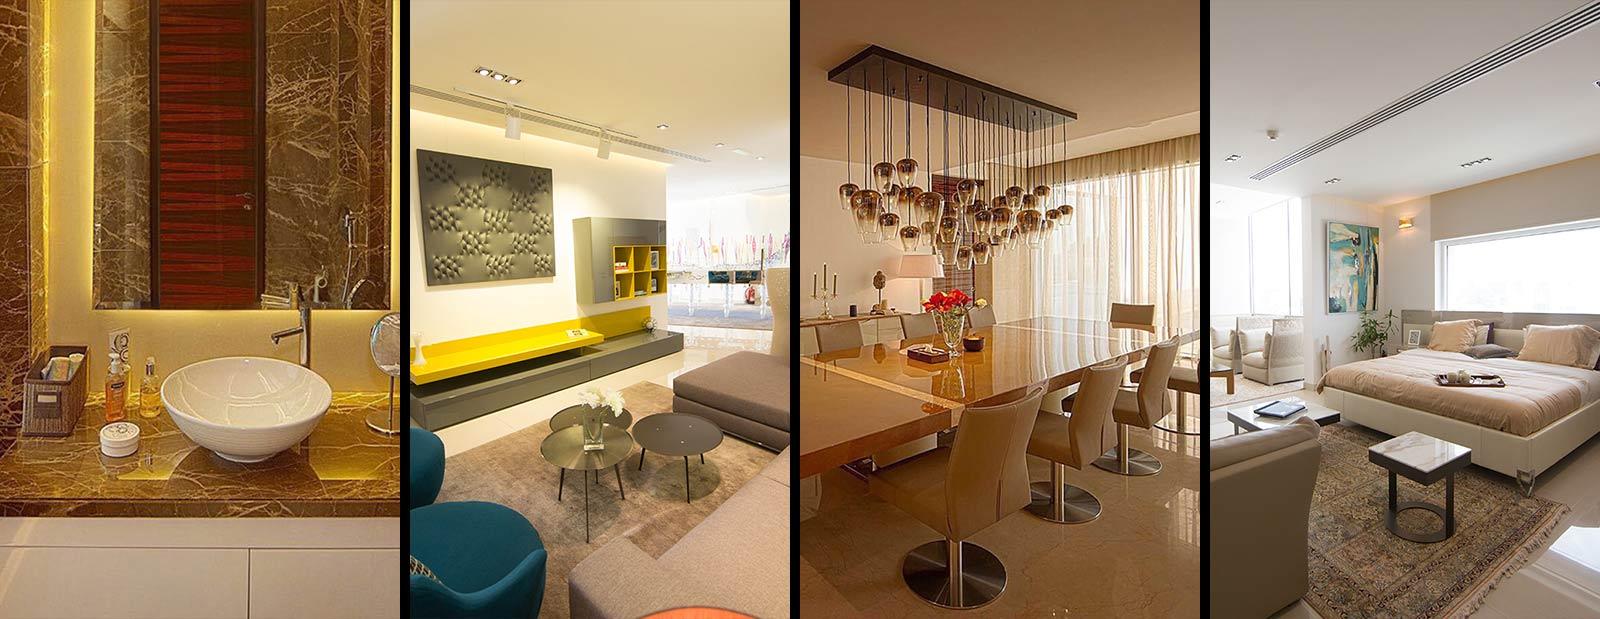 Best Residential Interior Design Services in Dubai